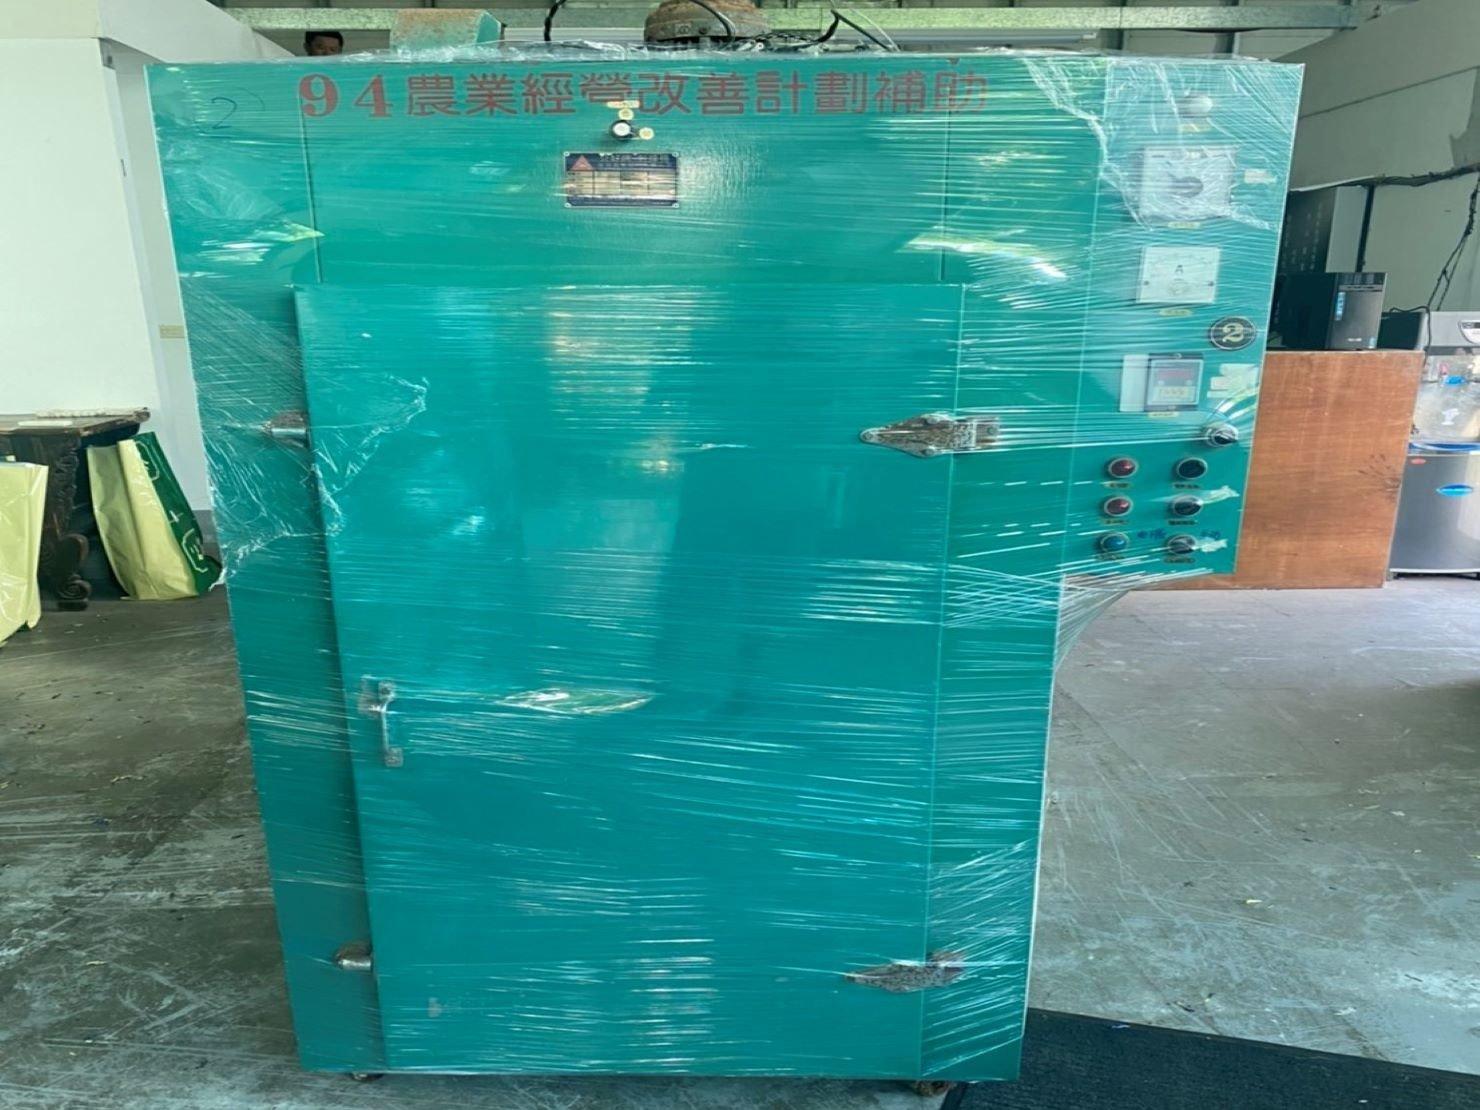 搬家公司【榮福搬家公司】值得您的信賴與選擇:大型乾燥機搬運-由網路5顆星推薦的榮福搬家來服務。